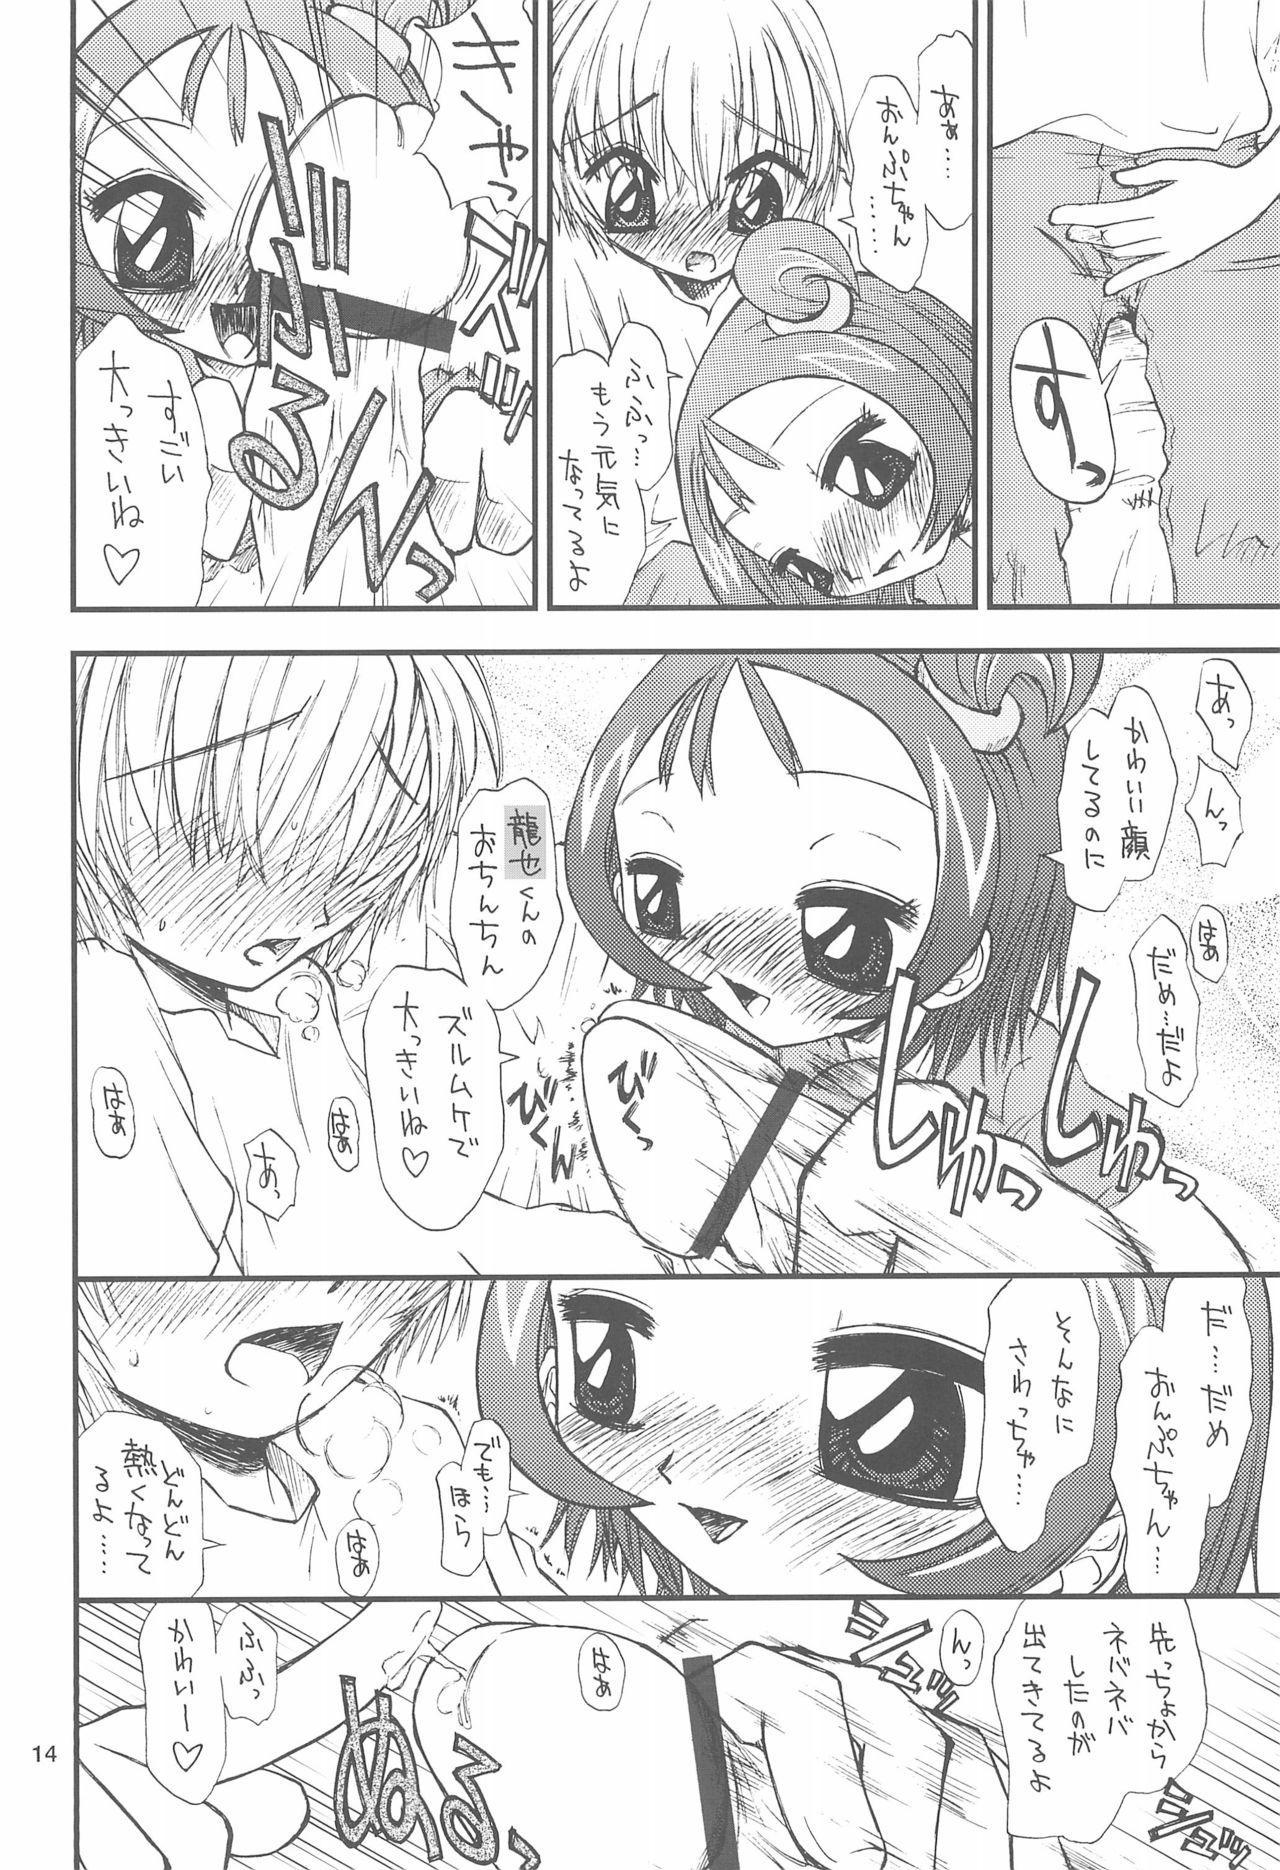 [Tokai Oohashi (Kari) (Ryu-ya)] Onpu-chan/Hana-chan (Ojamajo Doremi) 15